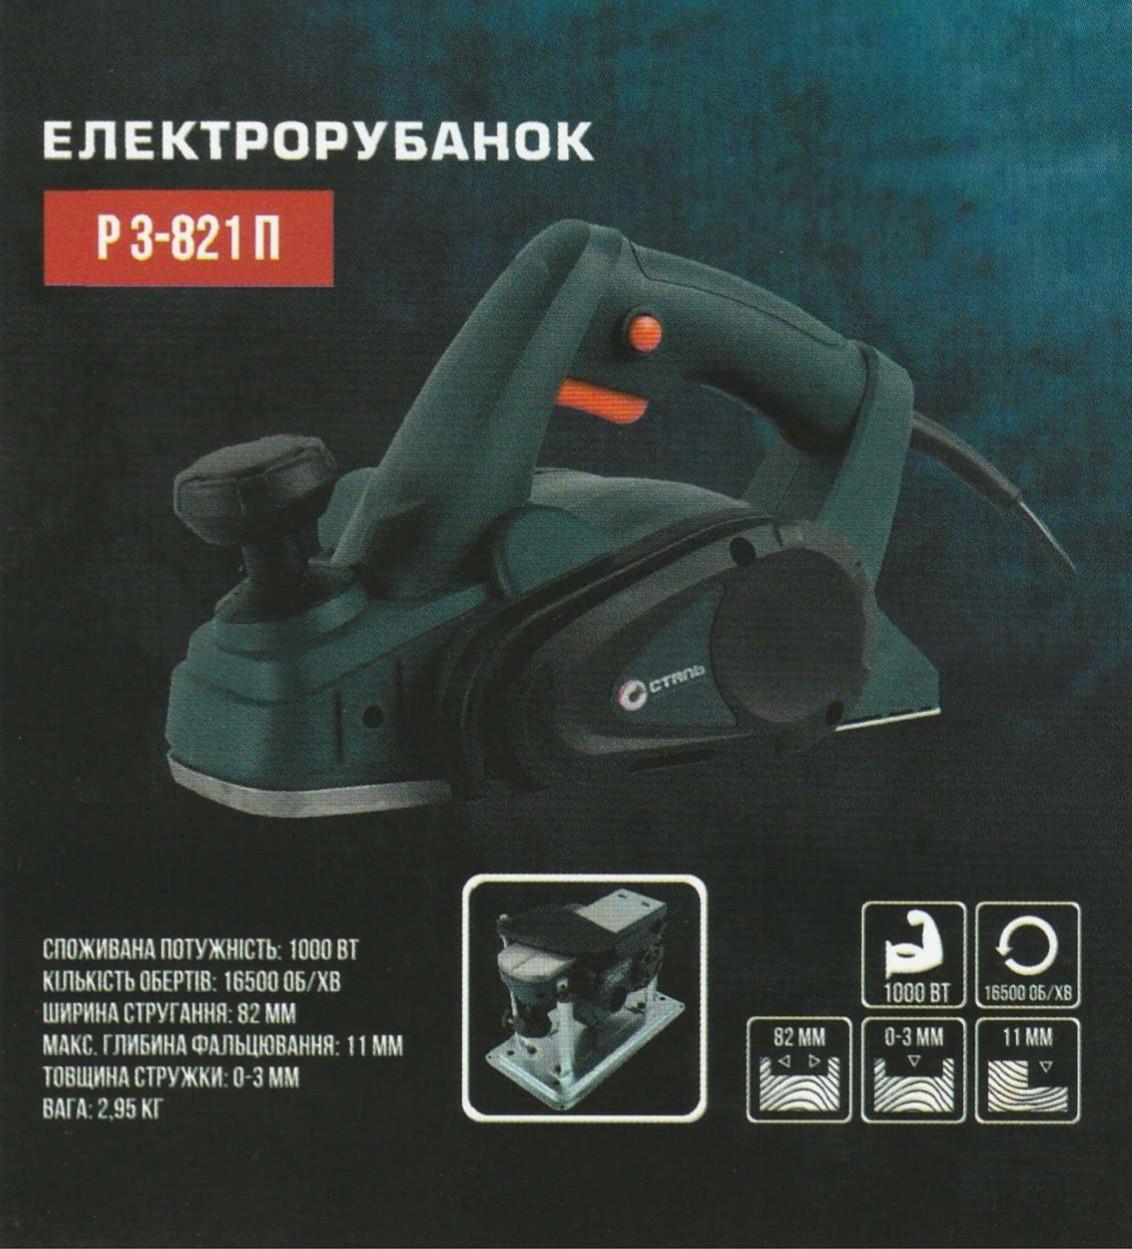 Рубанок Электрический Сталь P 3-821 П